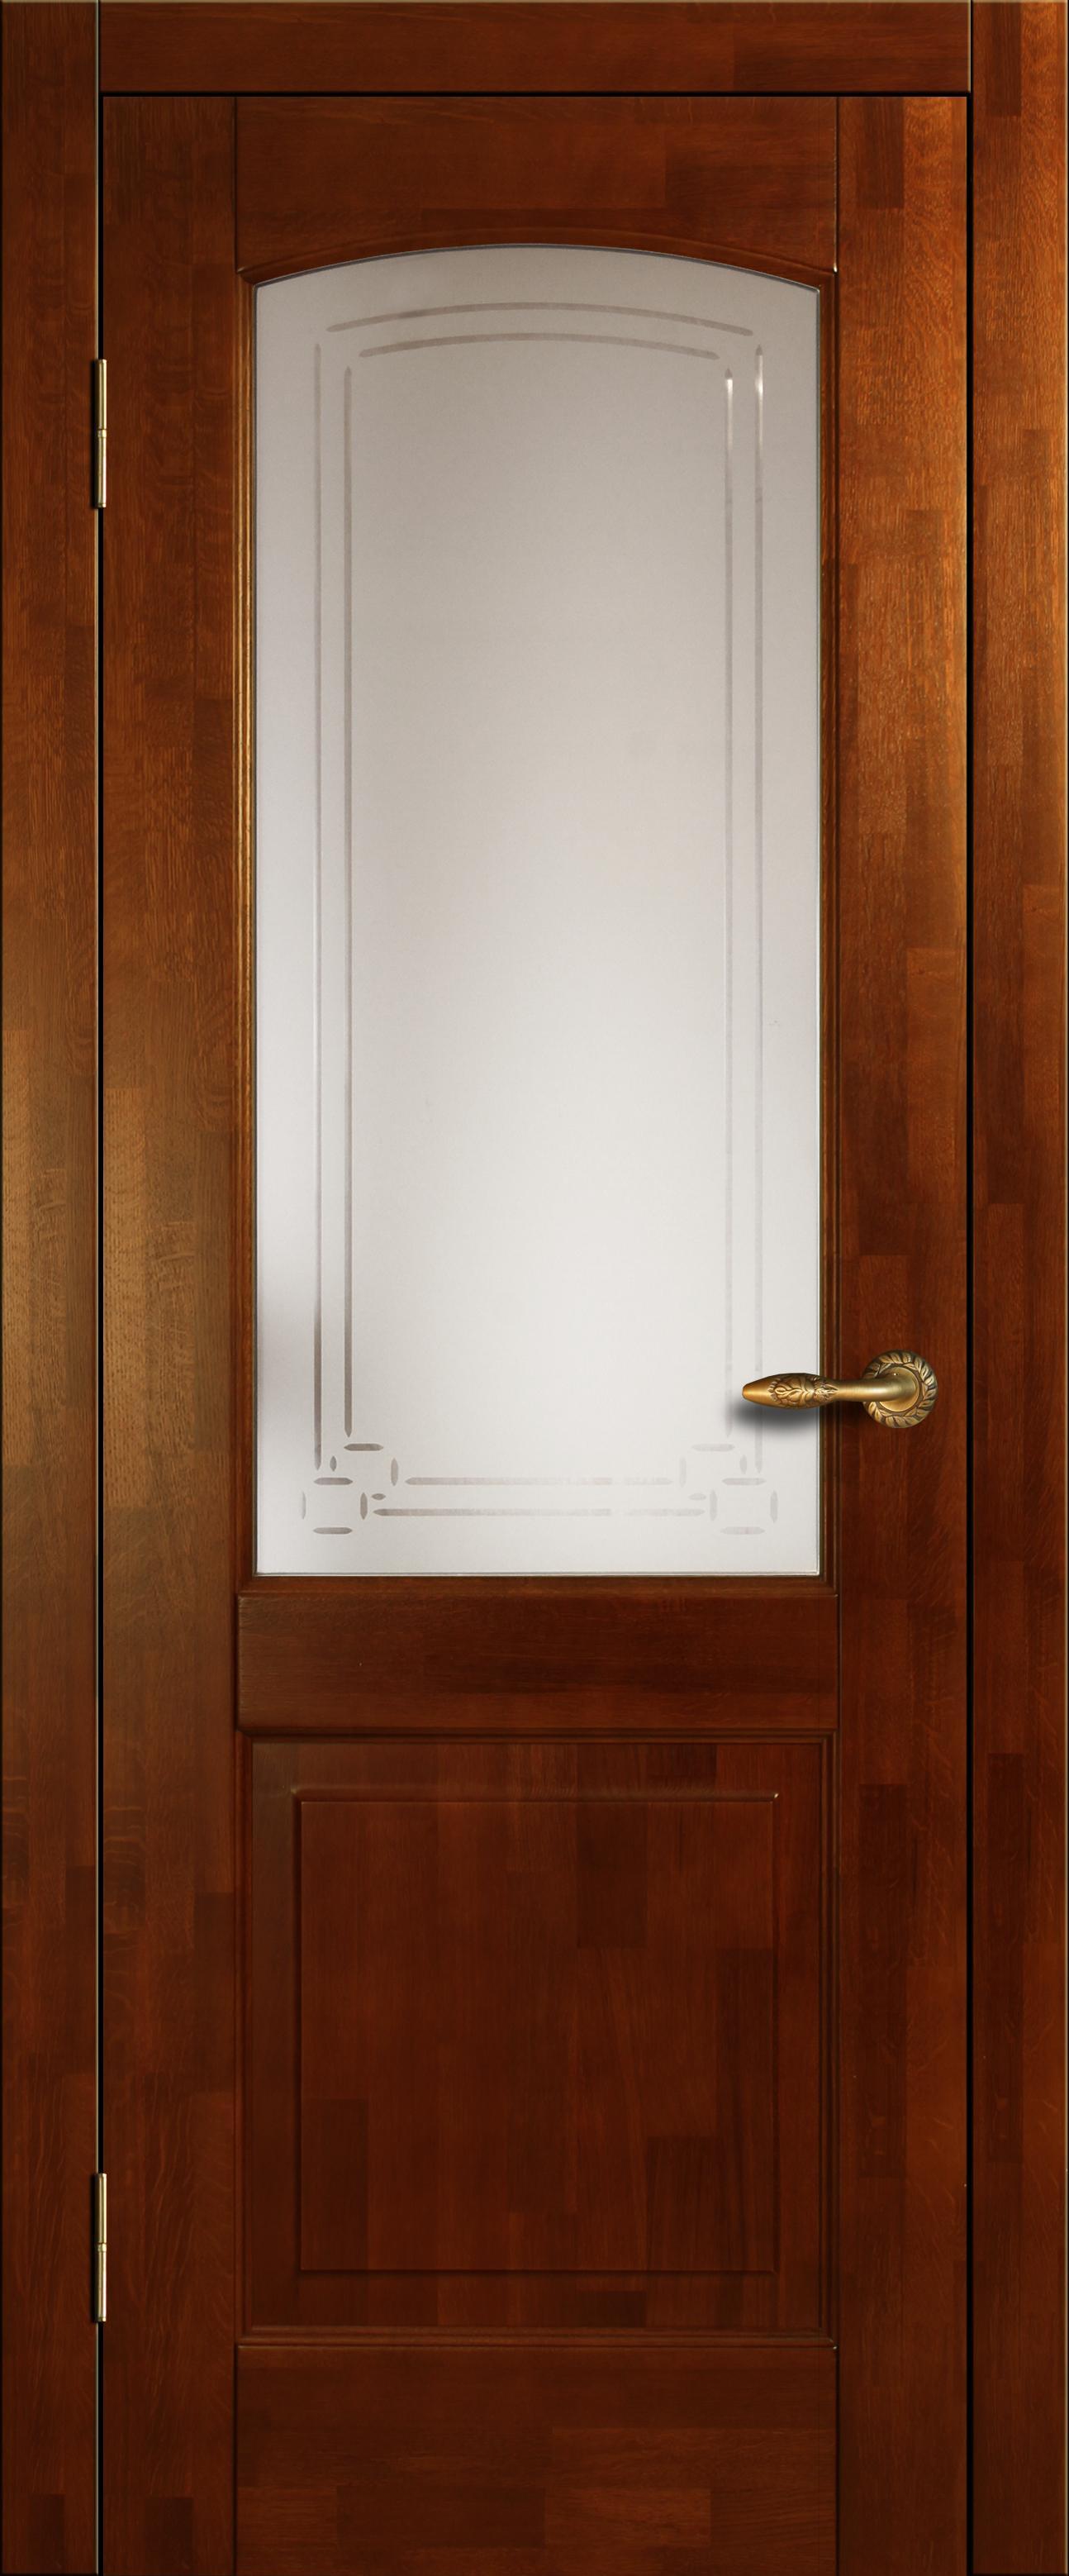 Межкомнатные двери Итальянская легенда в Москве - Купить